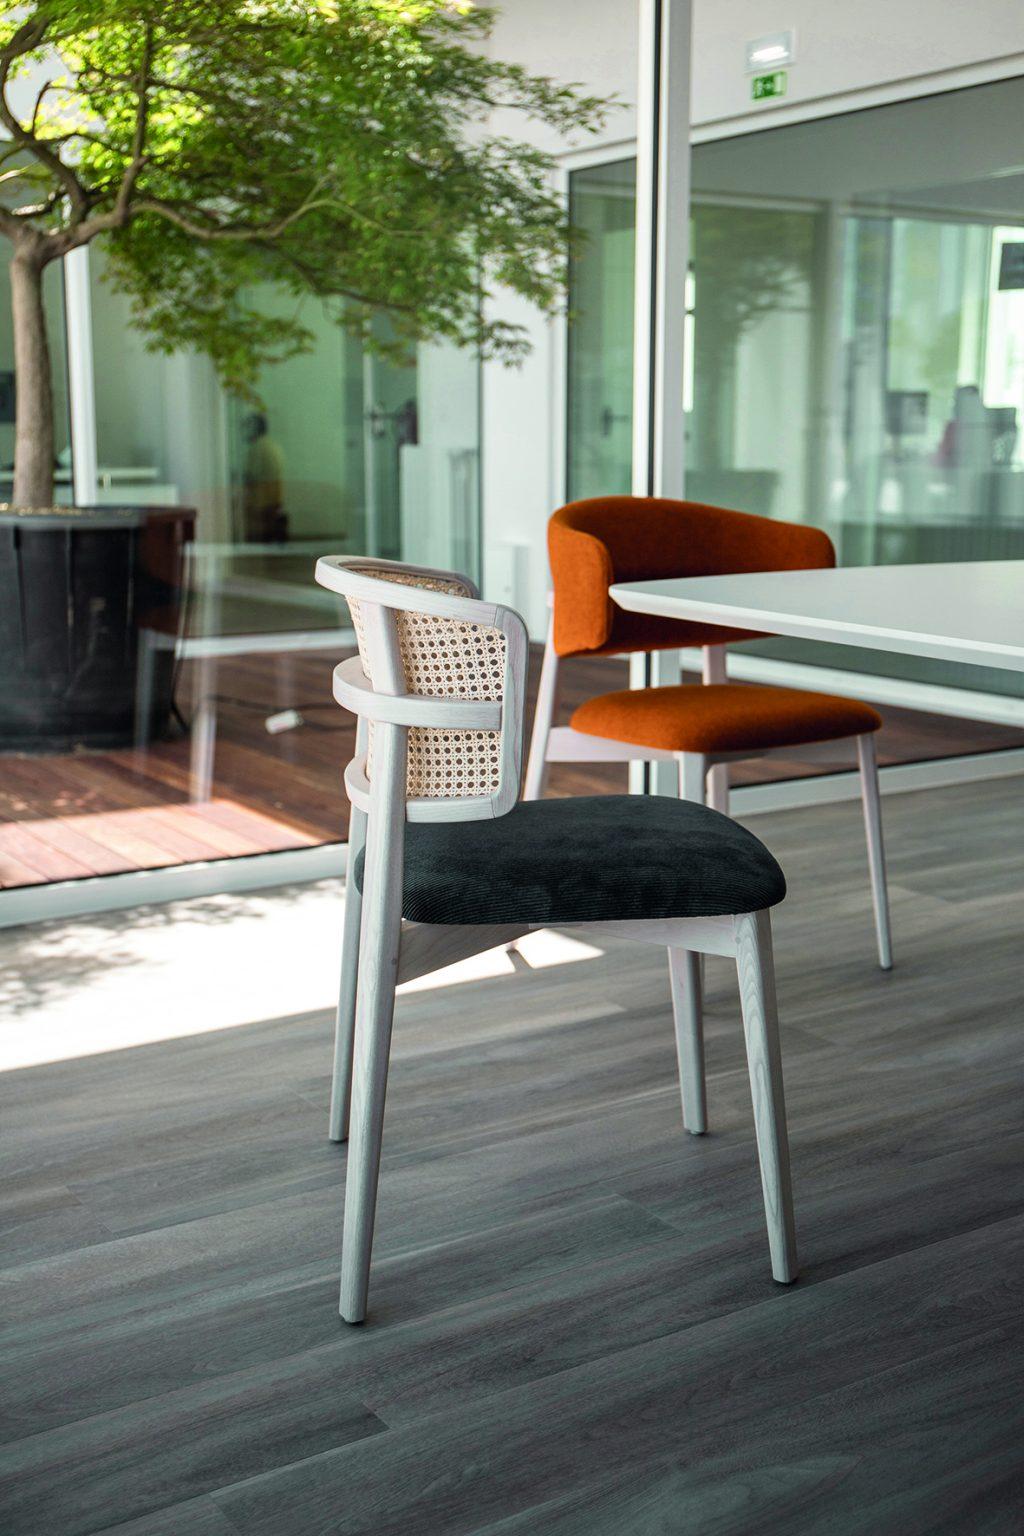 Biennale Interieur - Belgium's leading design and interior event - Img_9598.jpg